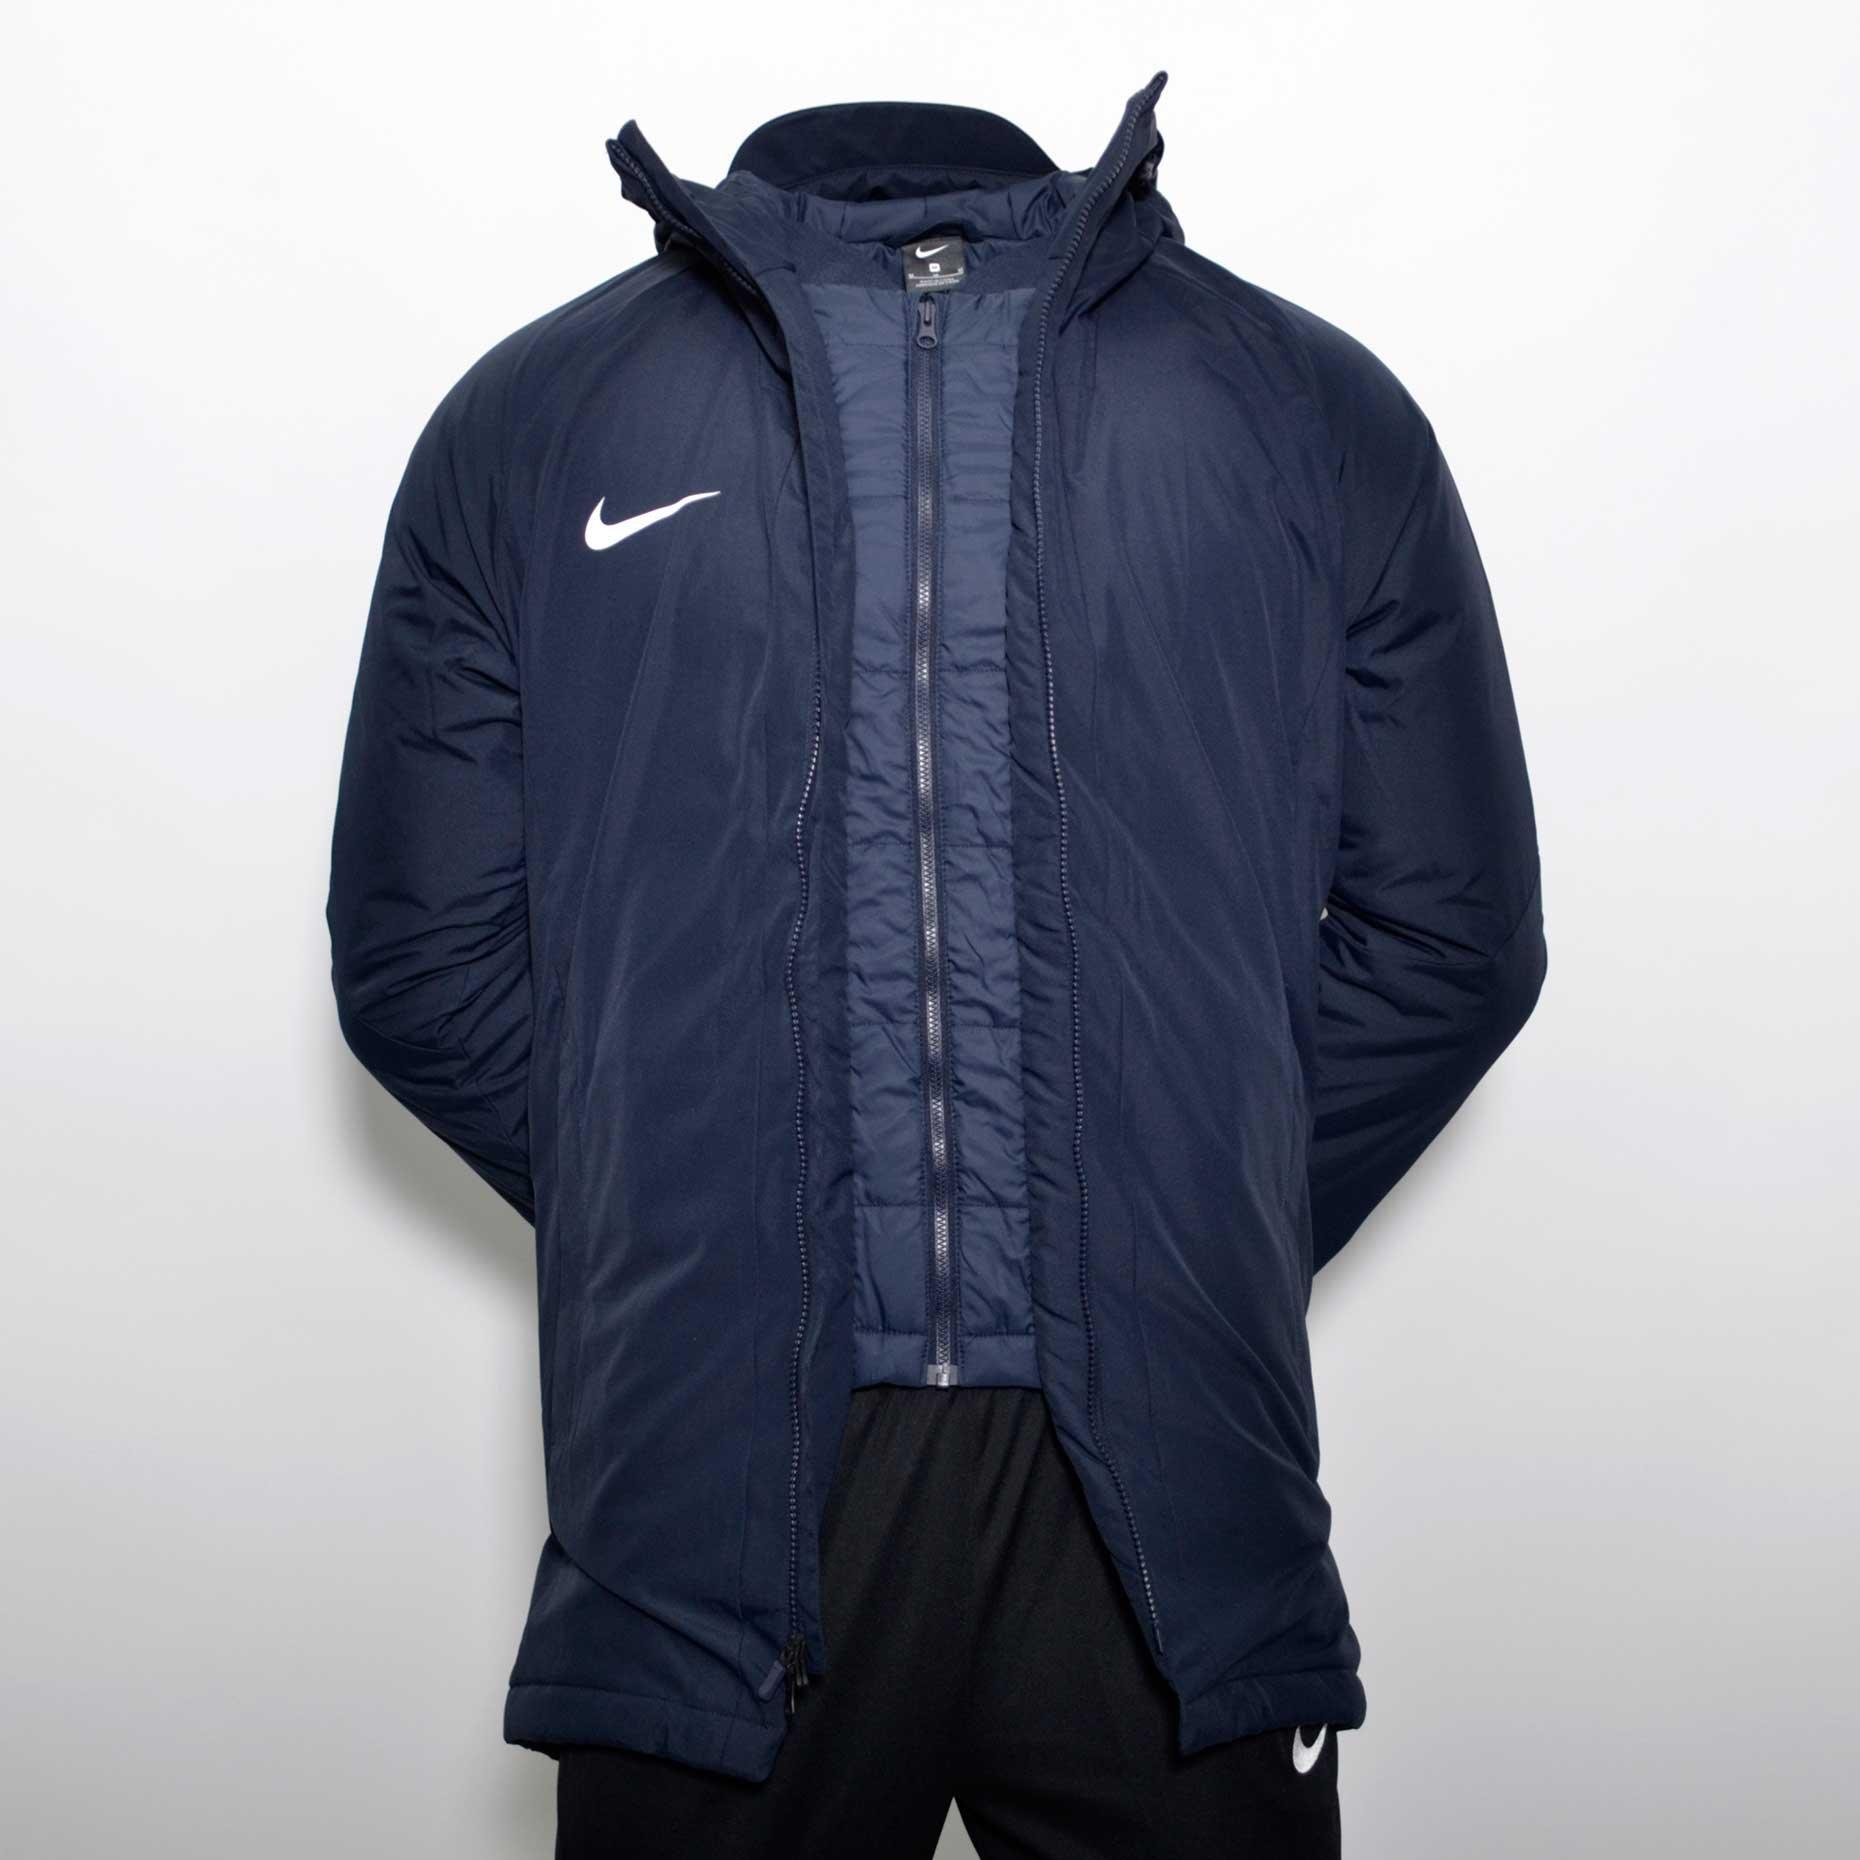 df3da532 Куртка Men's Nike Dry Academy18 Football Jacket купить в Москве ...